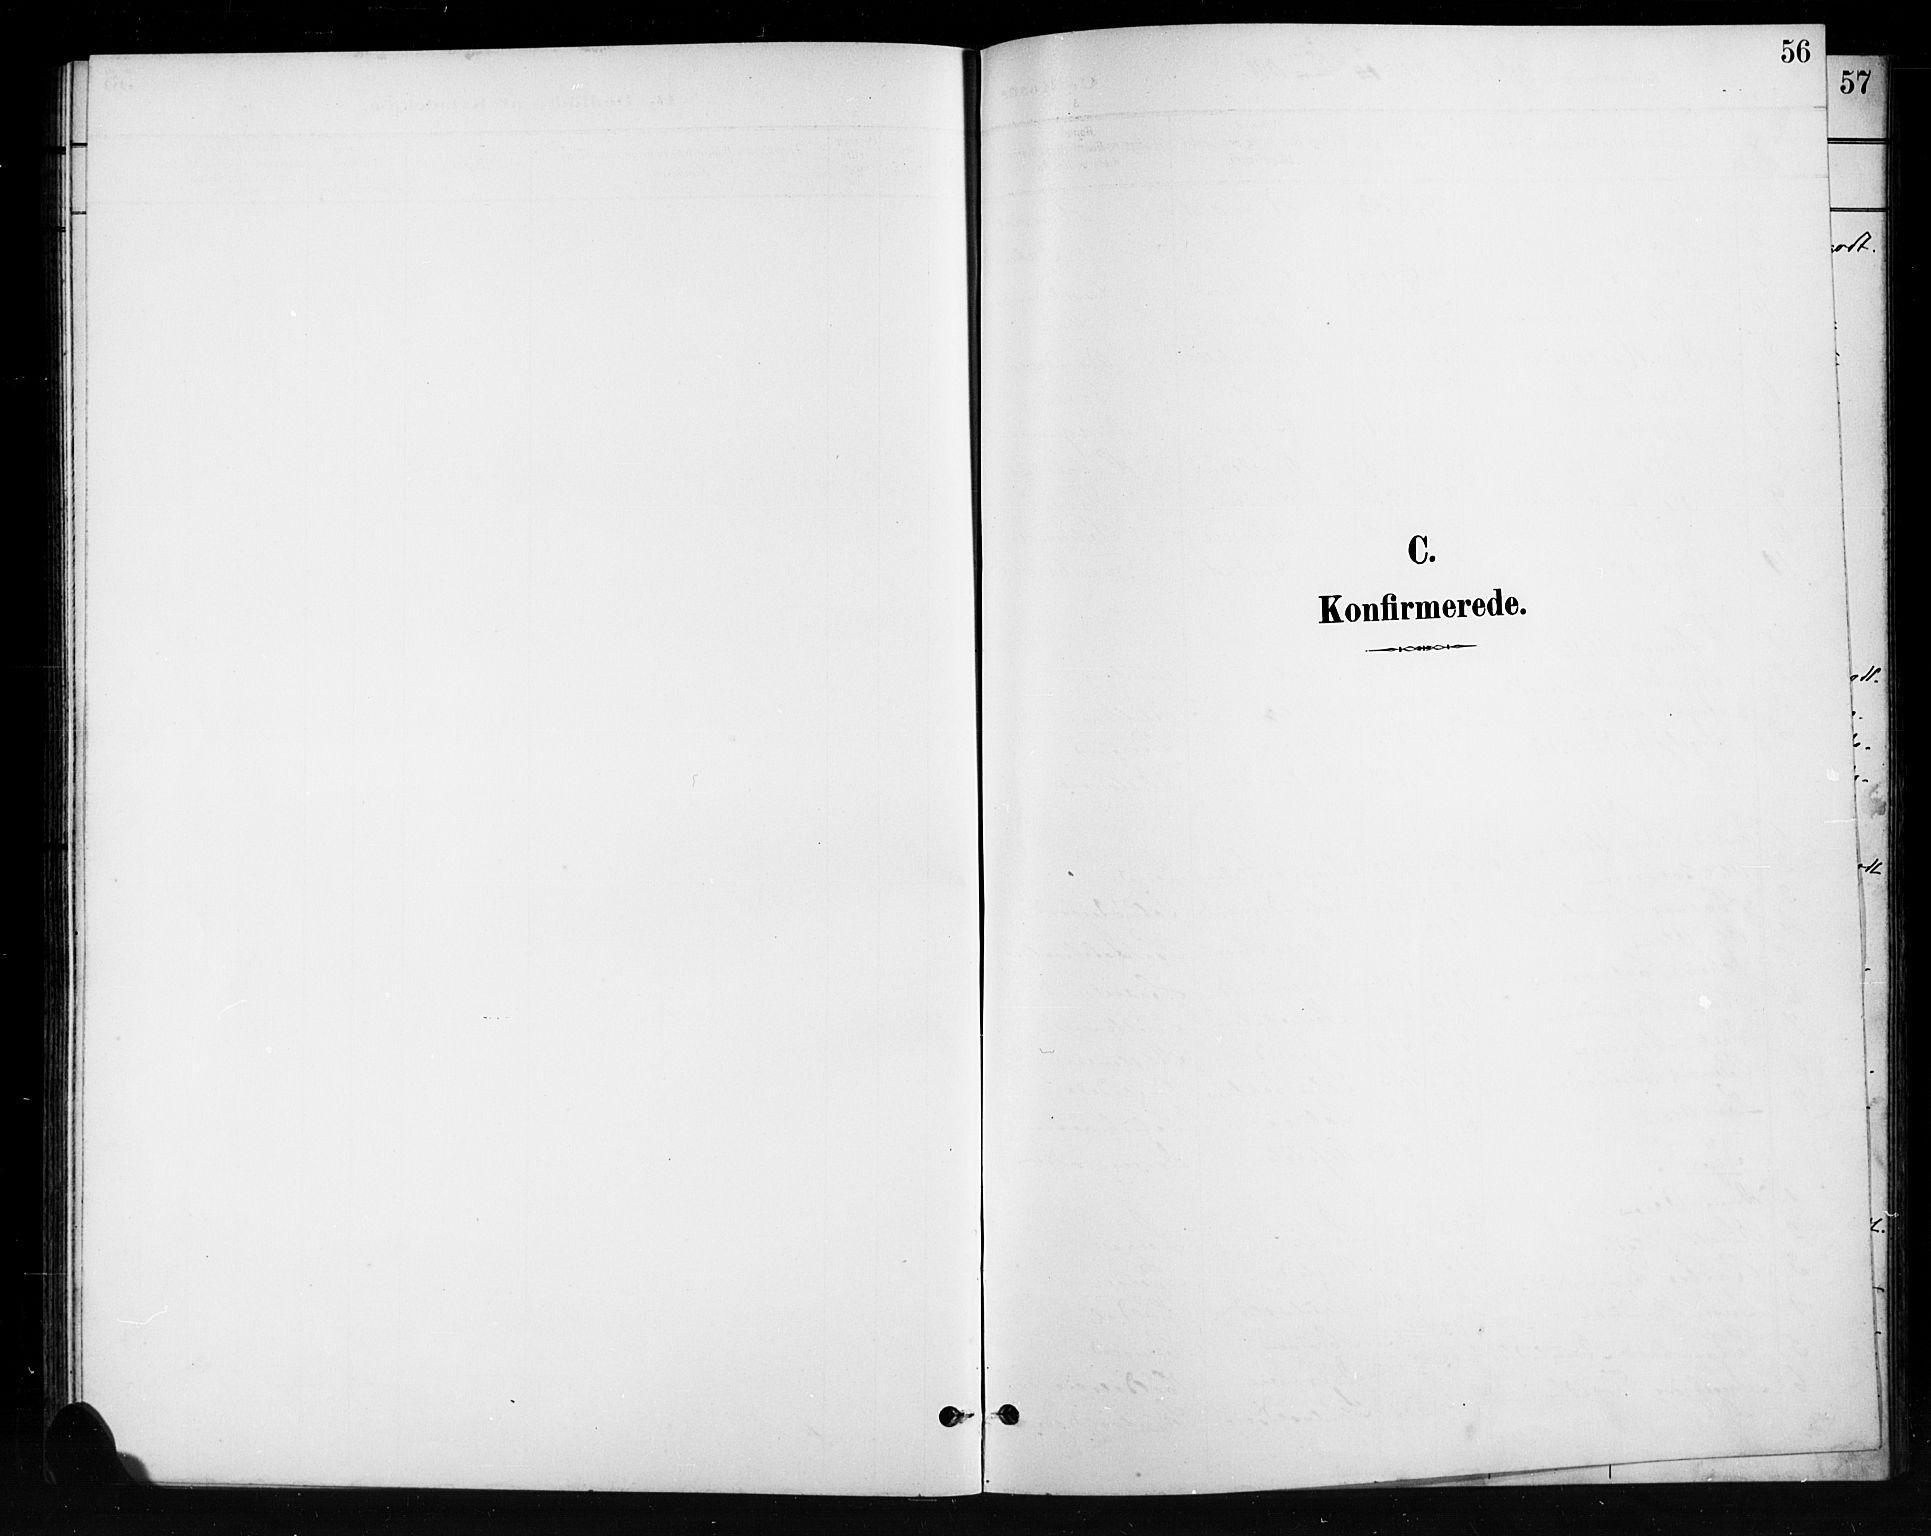 SAH, Nord-Aurdal prestekontor, Klokkerbok nr. 11, 1897-1918, s. 56